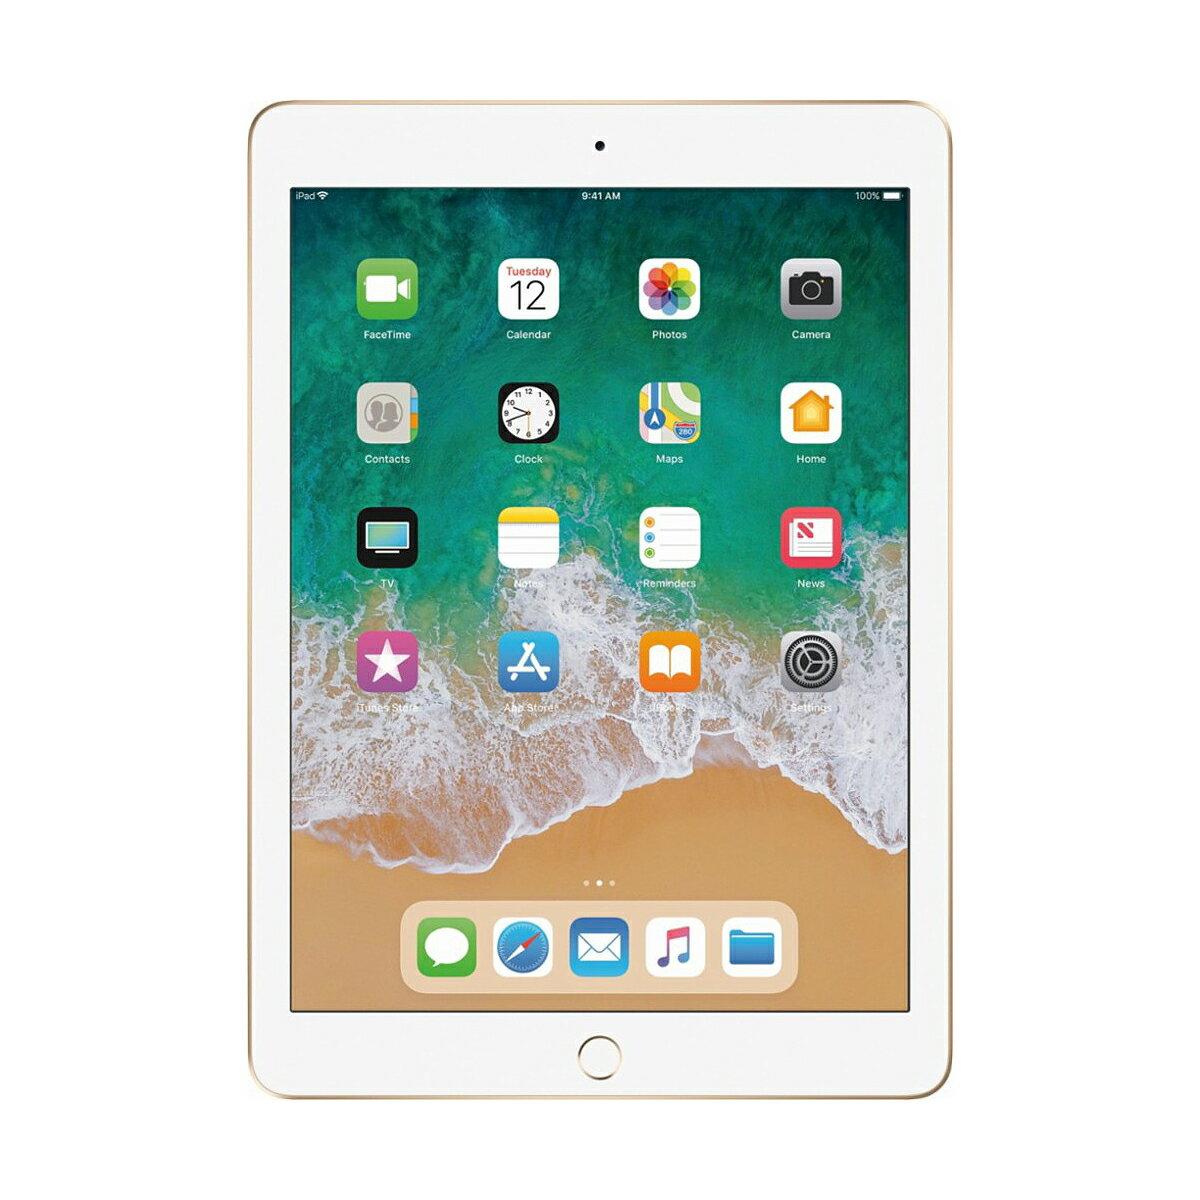 """Apple iPad 9.7"""" Retina Display 32GB Wi-Fi Multi-Touch Tablet 5th Gen MPGT2LLA - Gold 1"""